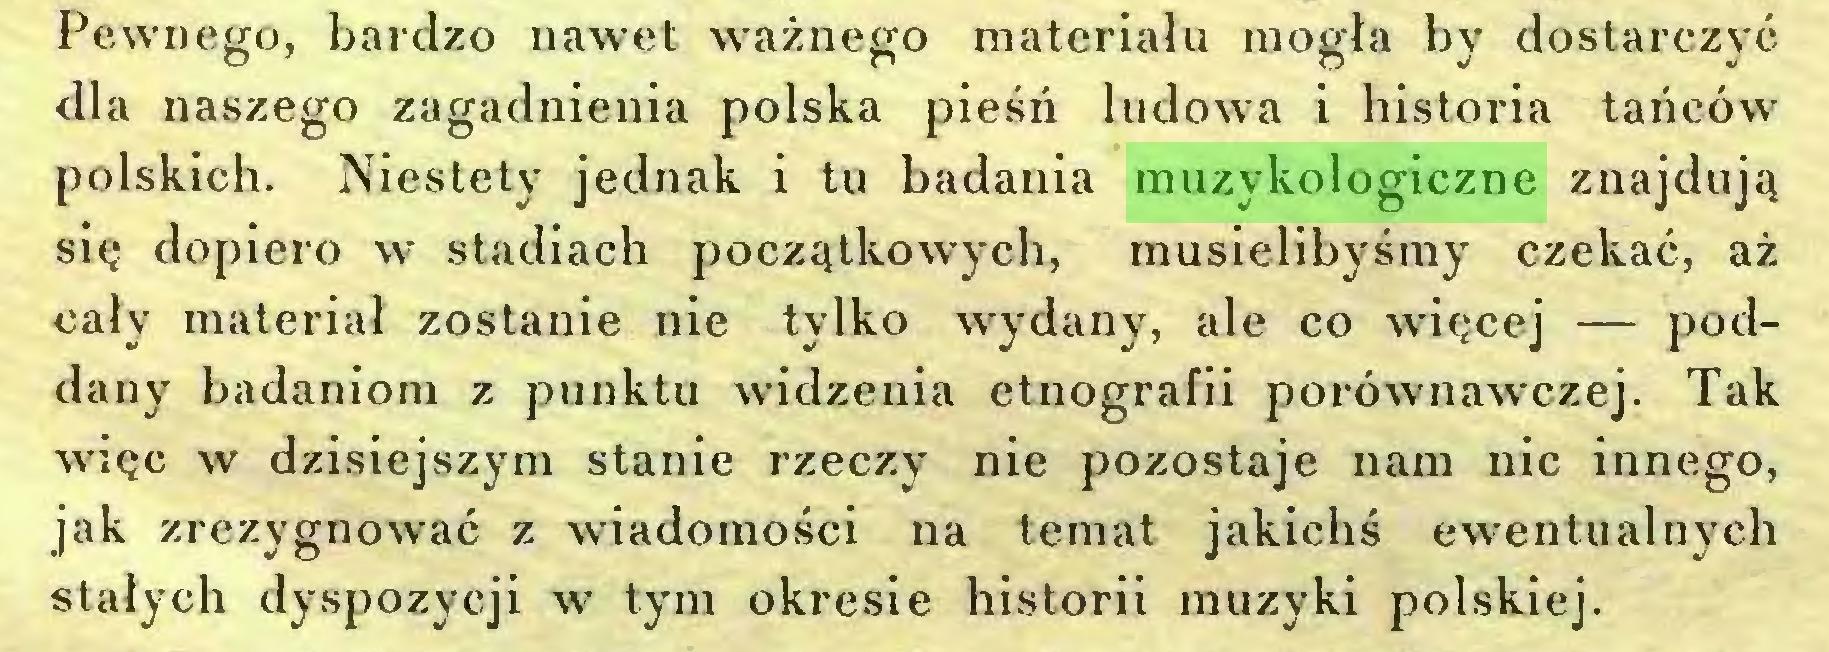 (...) Pewnego, bardzo nawet ważnego materiału mogła by dostarczyć dla naszego zagadnienia polska pieśń ludowa i historia tańców polskich. Niestety jednak i tu badania muzykologiczne znajdują się dopiero w stadiach początkowych, musielibyśmy czekać, aż cały materiał zostanie nie tylko wydany, ale co więcej — poddany badaniom z punktu widzenia etnografii porównawczej. Tak więc w dzisiejszym stanie rzeczy nie pozostaje nam nic innego, jak zrezygnować z wiadomości na temat jakichś ewentualuych stałych dyspozycji w tym okresie historii muzyki polskiej...